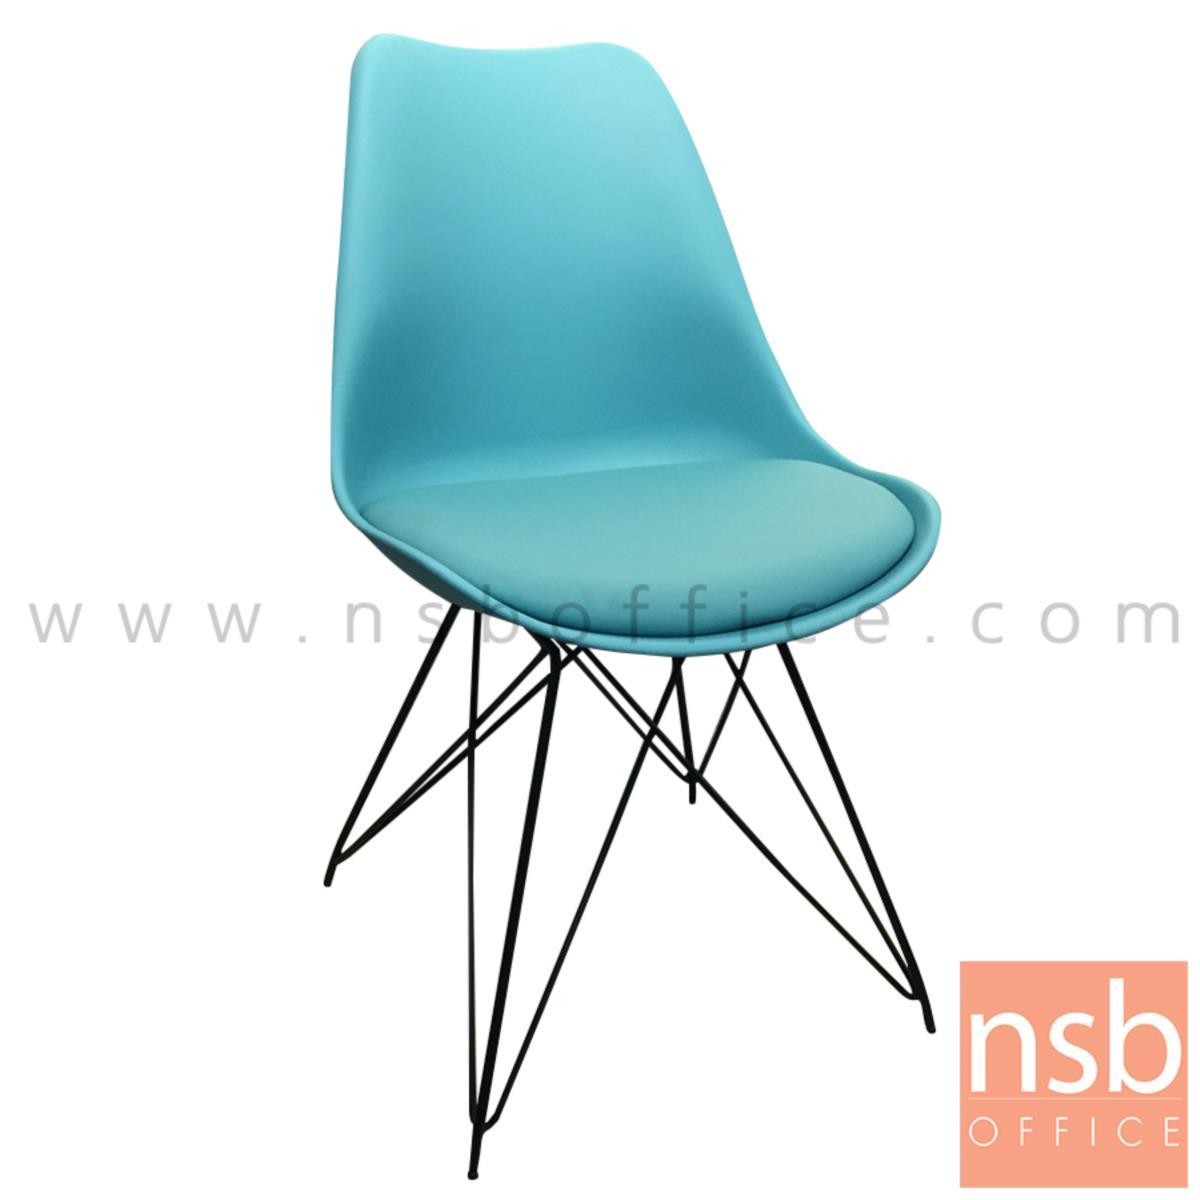 B29A218:เก้าอี้โมเดิร์นพลาสติก (PP) รุ่น Elaine (เอเลน) ขนาด 47W cm. โครงขาเหล็กเส้นพ่นสีดำ